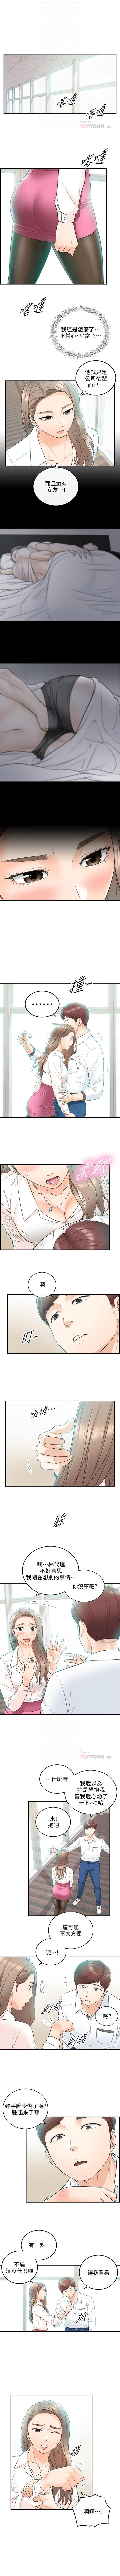 (週5)正妹小主管 1-39 中文翻譯(更新中) 103